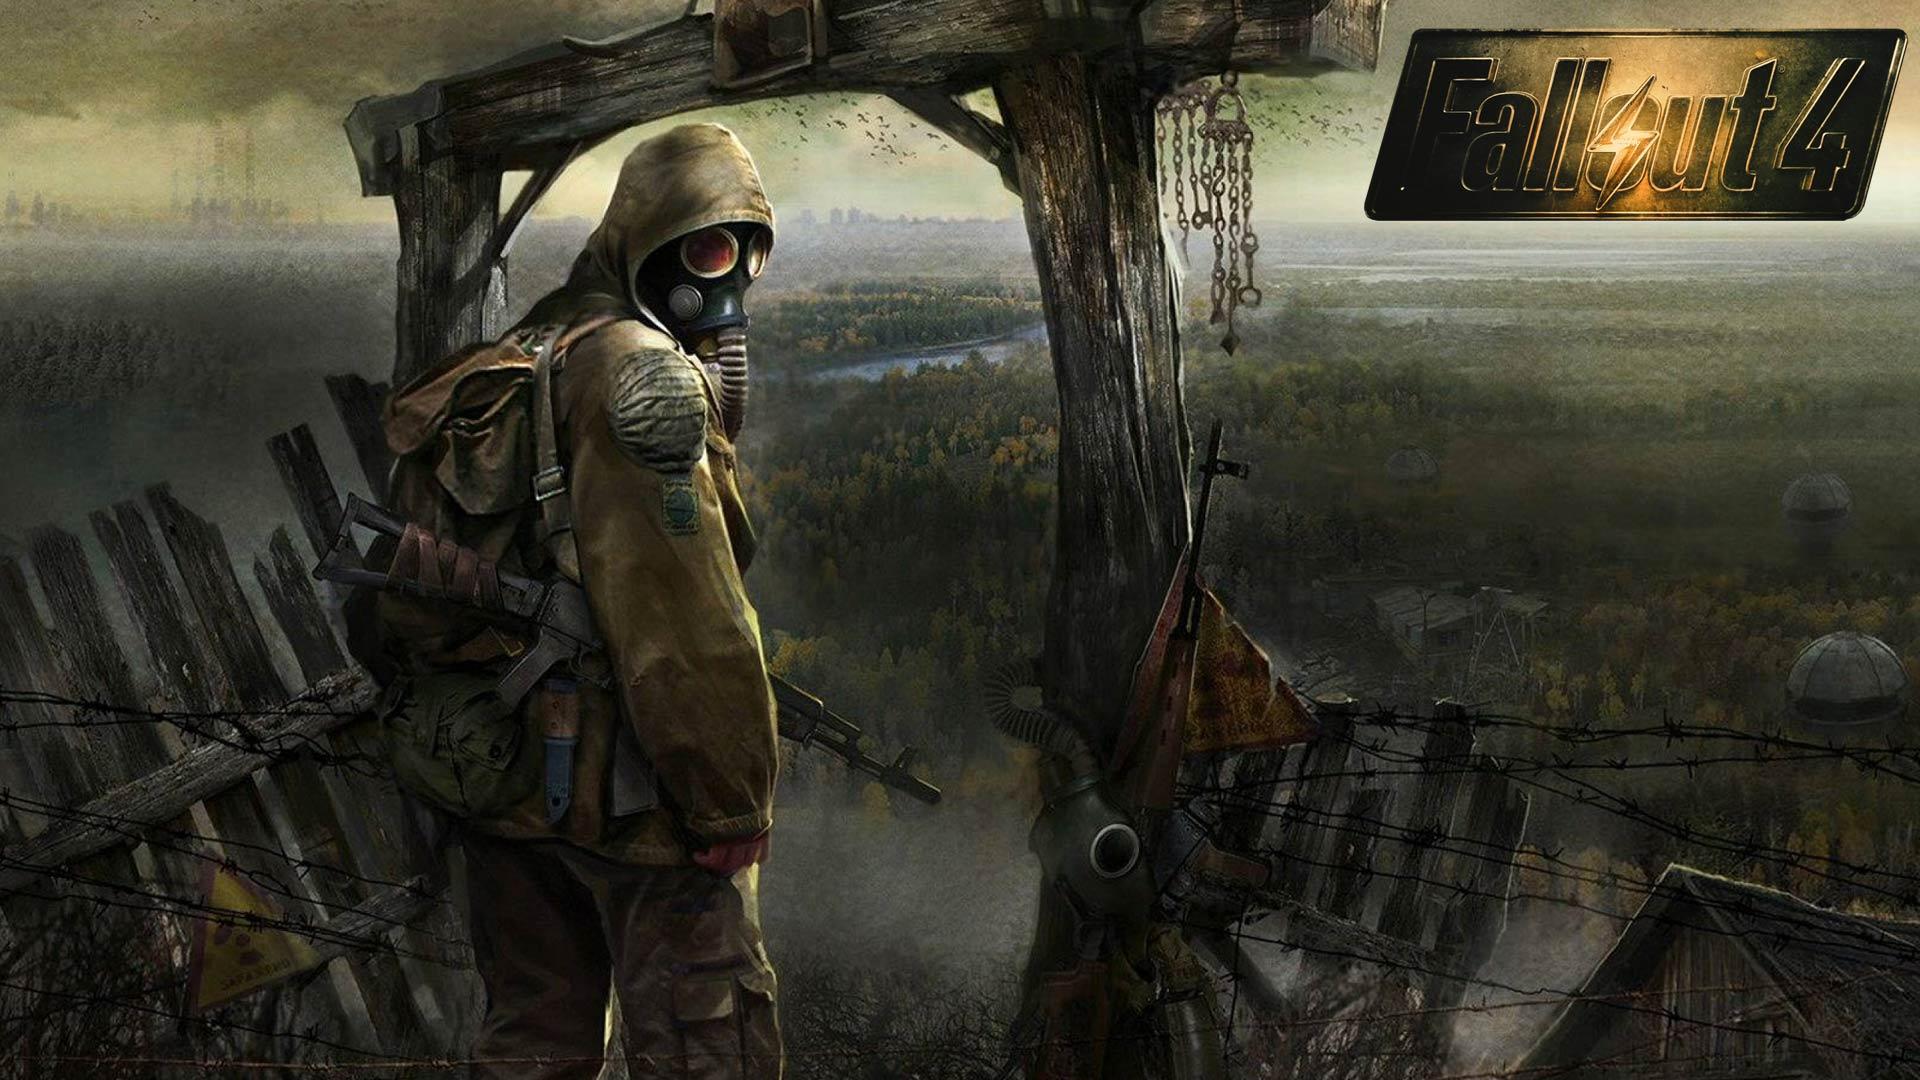 Fallout 3 wallpaper hd 1080p